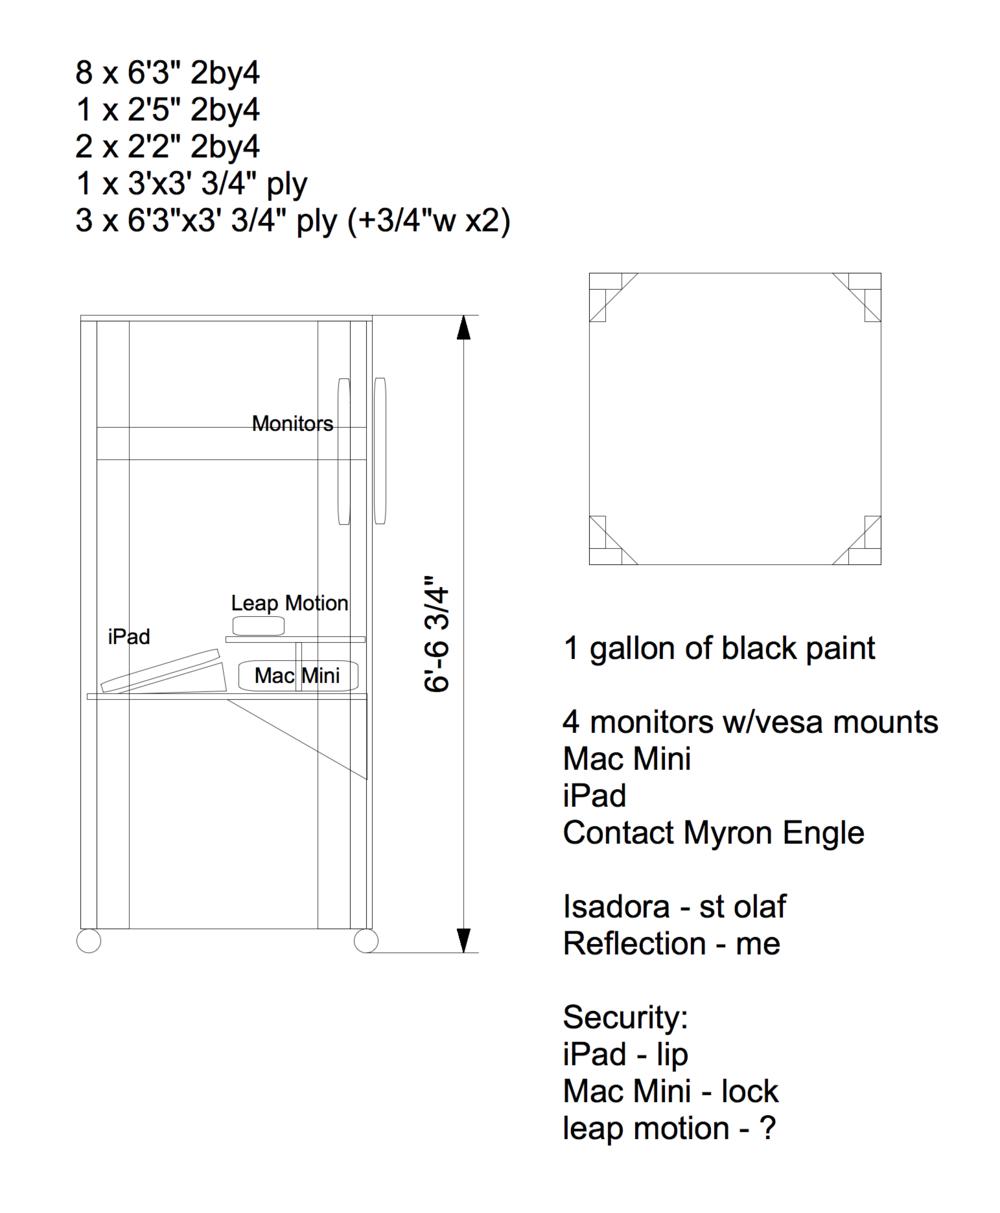 cis final project structure v2015.vwx.png